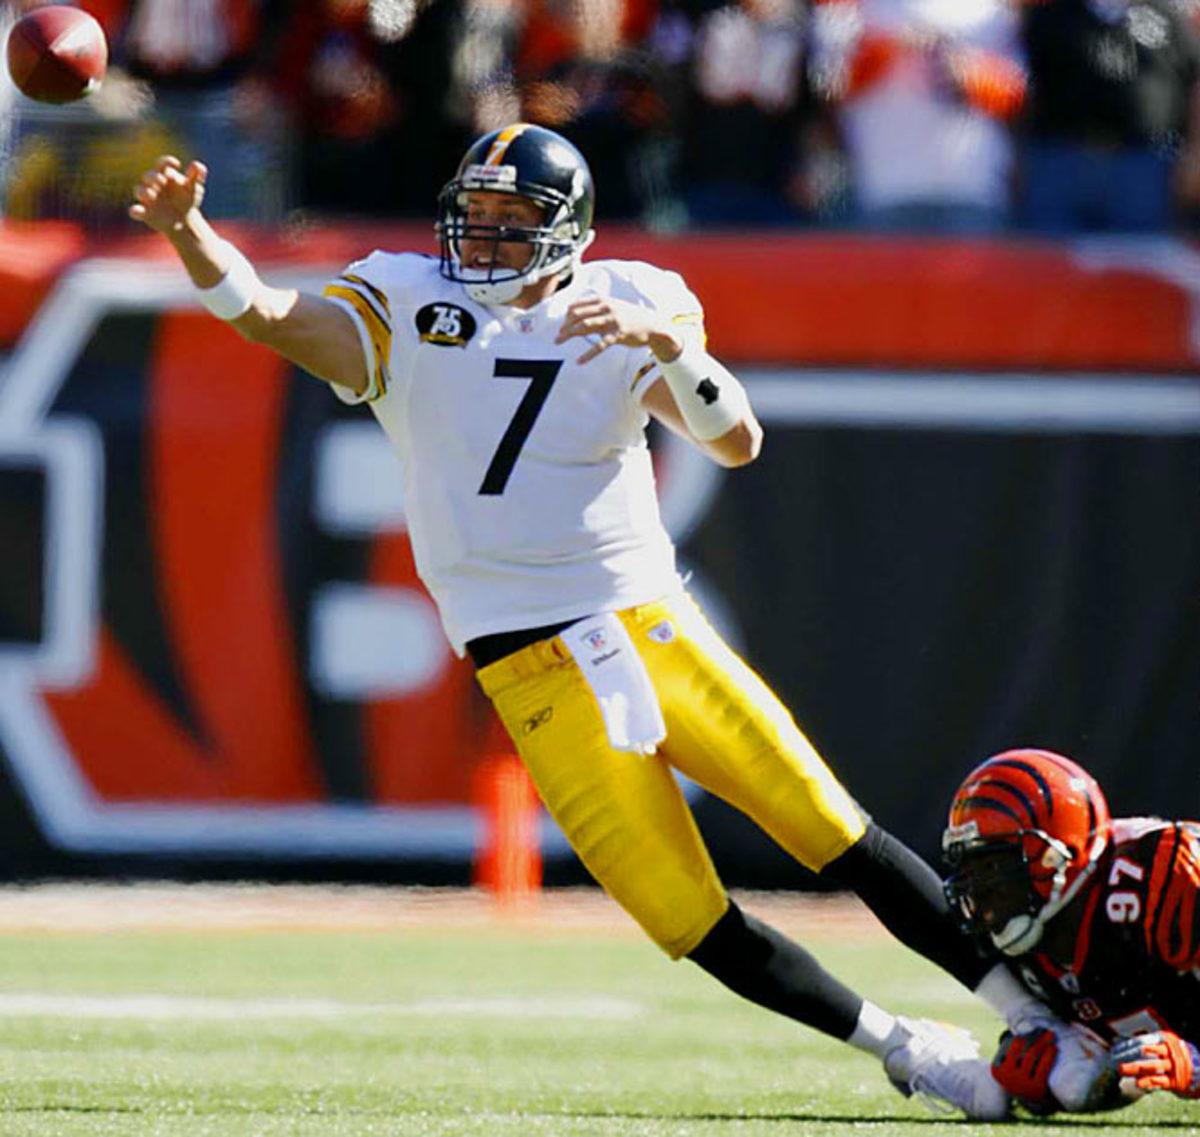 Steelers 24, Bengals 13